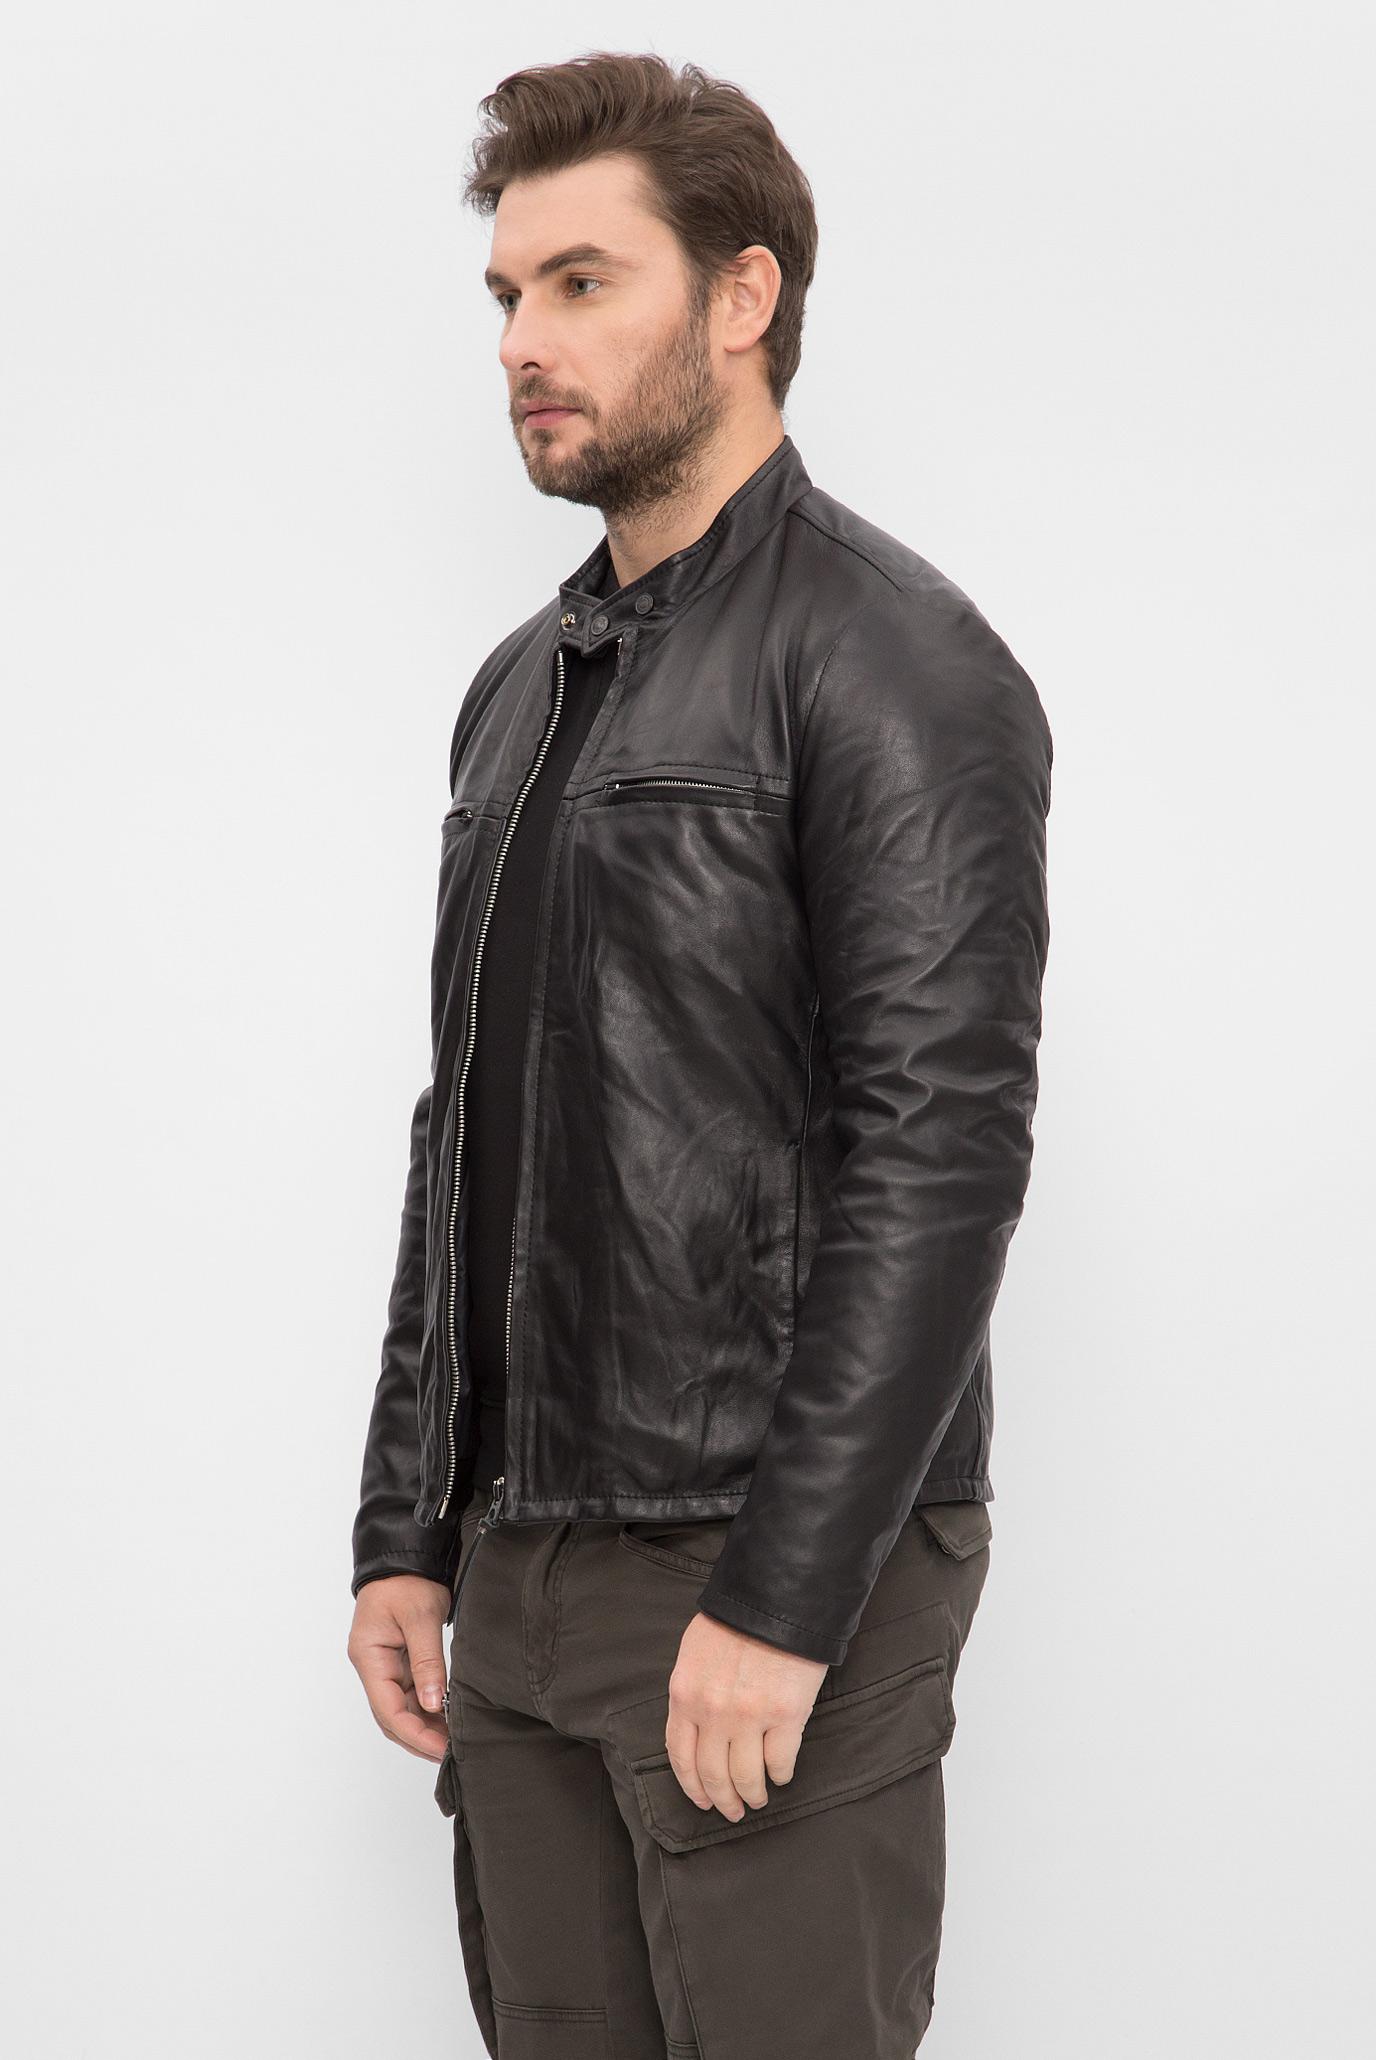 Купить Мужская черная кожаная куртка Replay Replay M8893 .000.82926T – Киев 1d54f50c36830